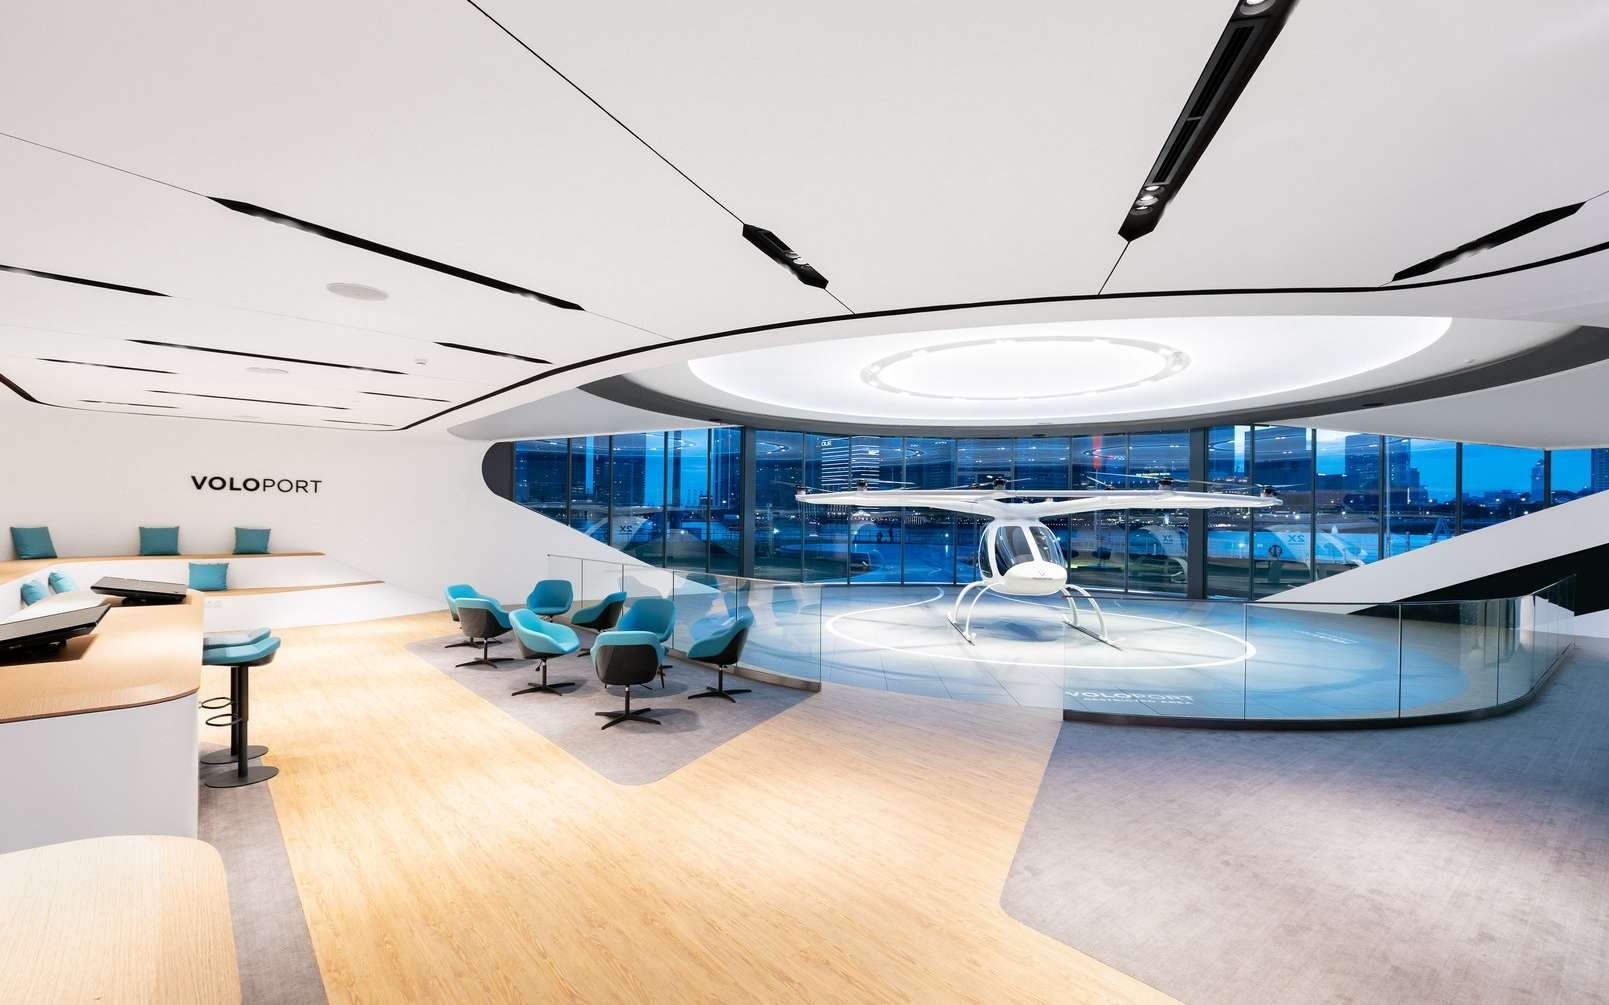 Voici à quoi ressemble l'intérieur du terminal VoloPort de Volocopter. © Volocopter